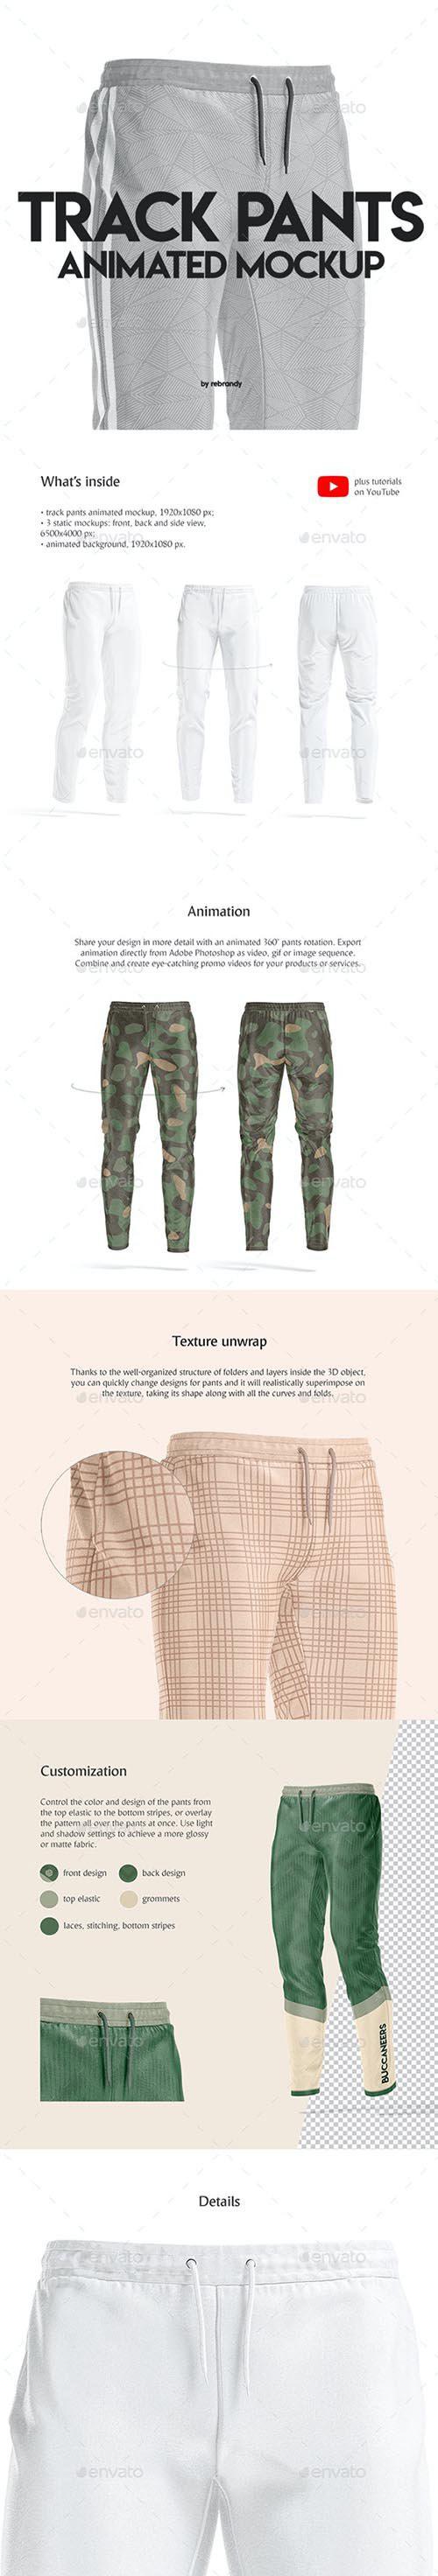 GraphicRiver Track Pants Animated Mockup 32007375..